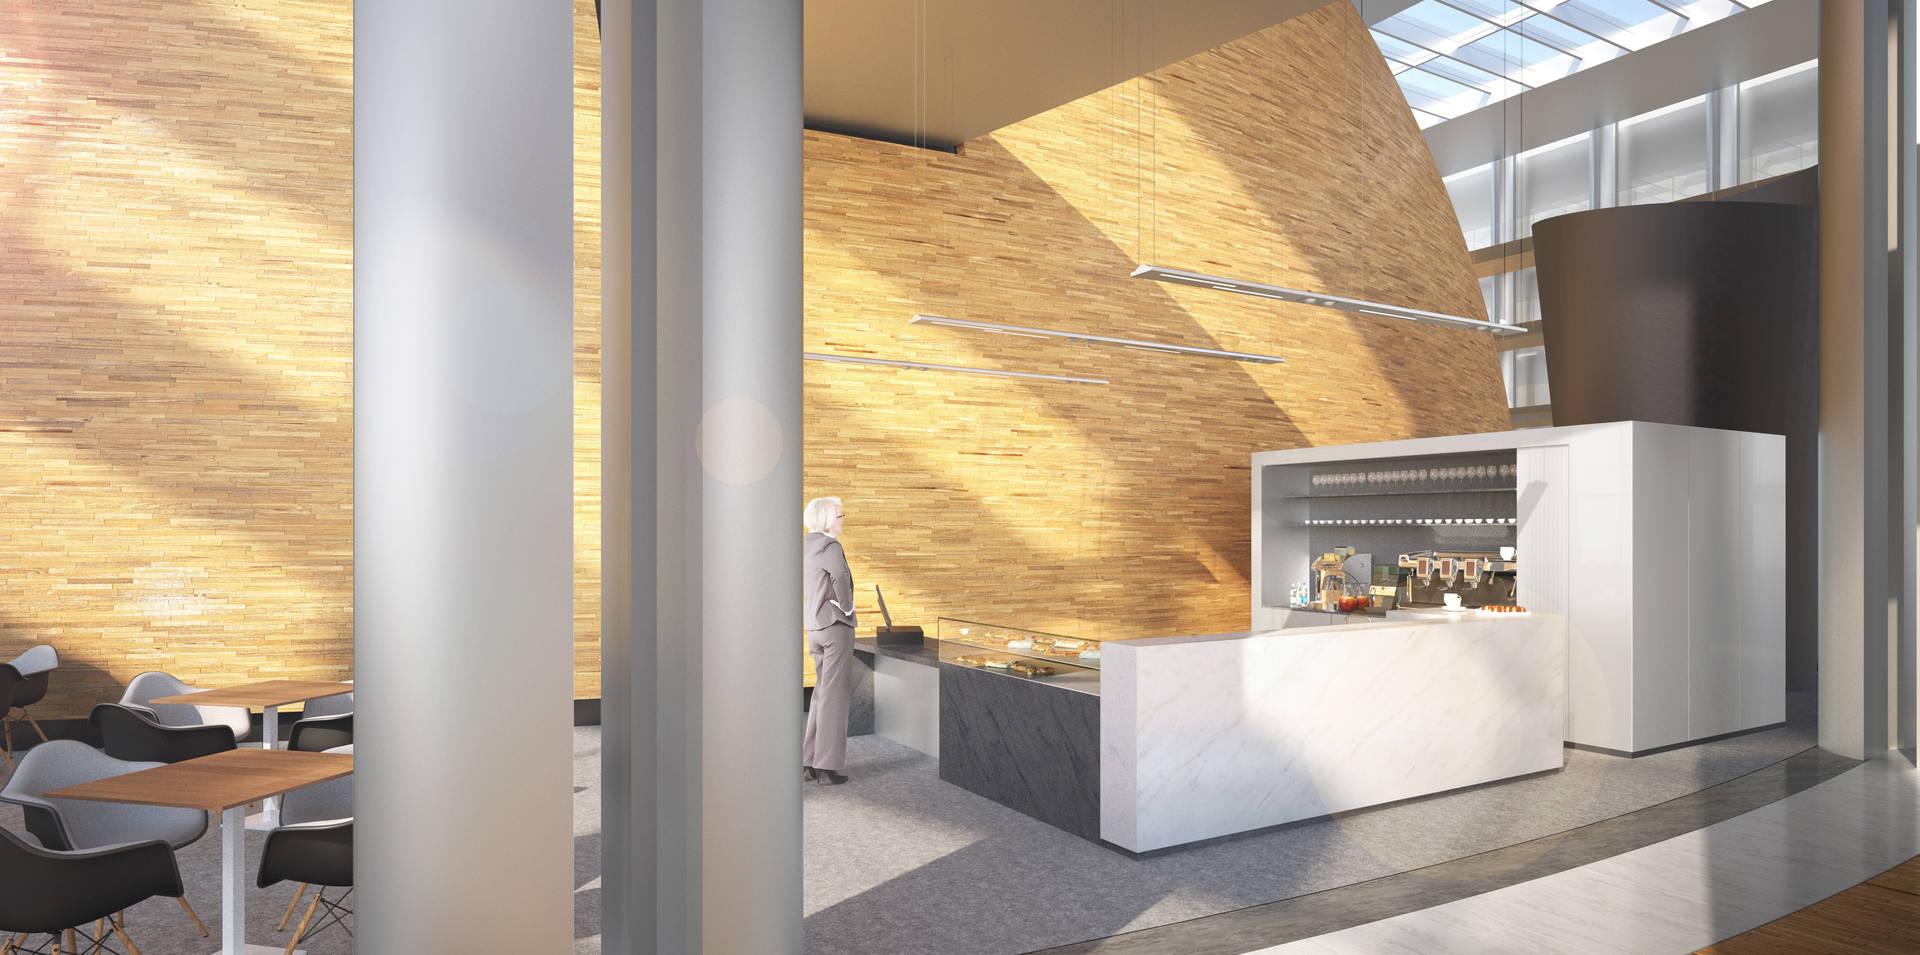 Cr ation d 39 un bar par cabinet architectes strasbourg aea architectes - Cabinet architecte strasbourg ...